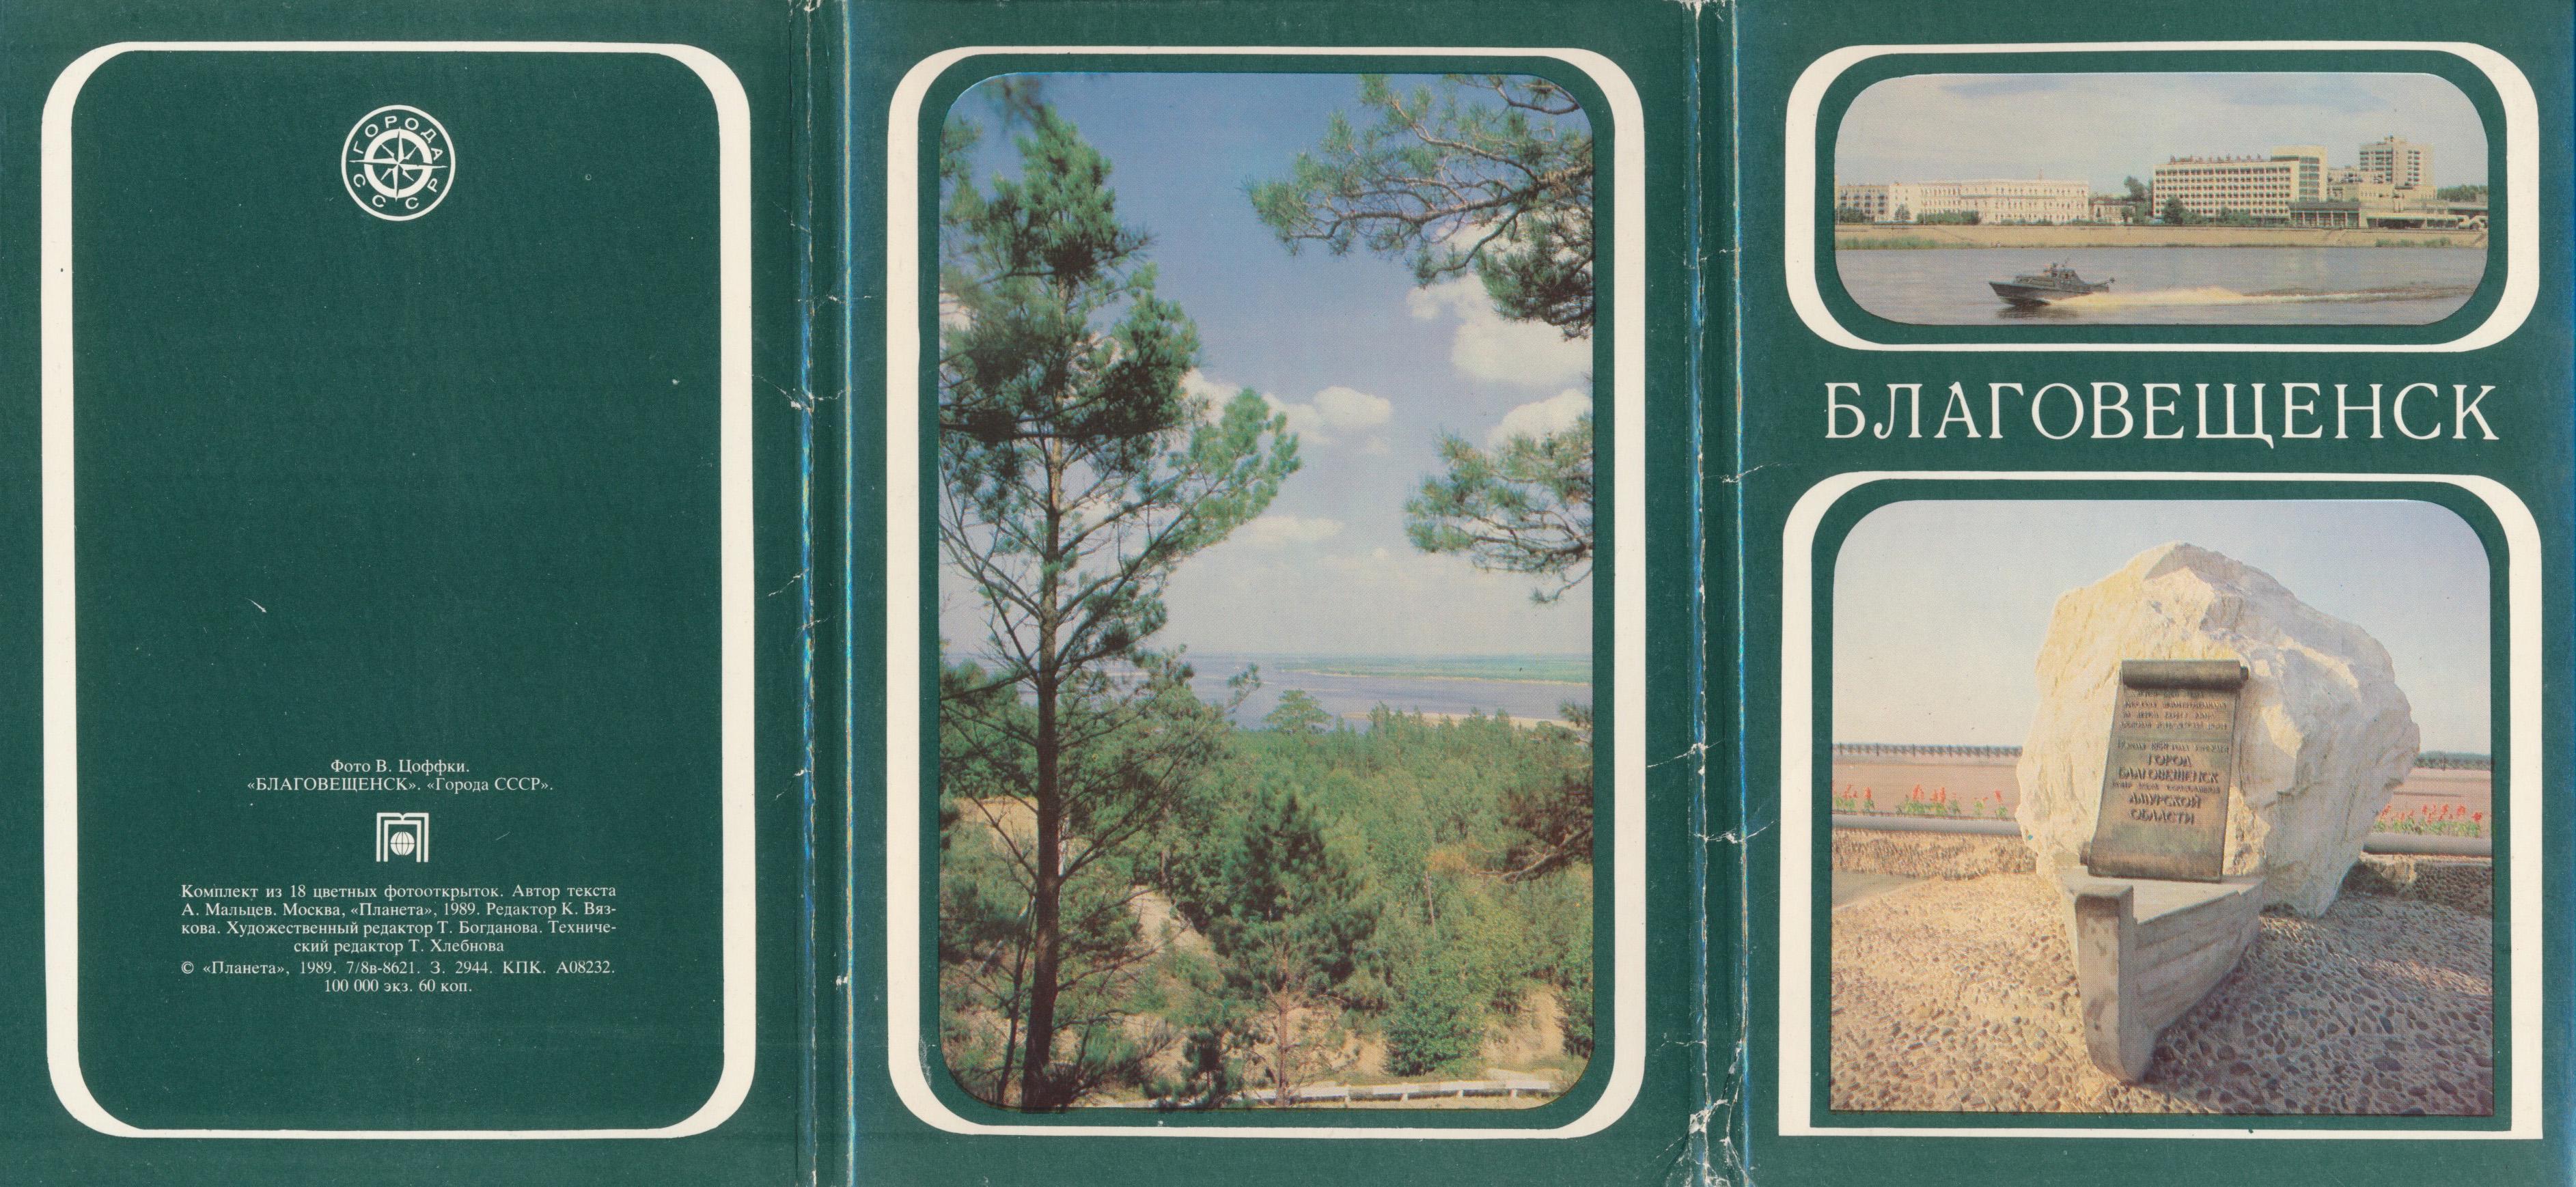 Корзинку открыток, почтовые открытки благовещенск